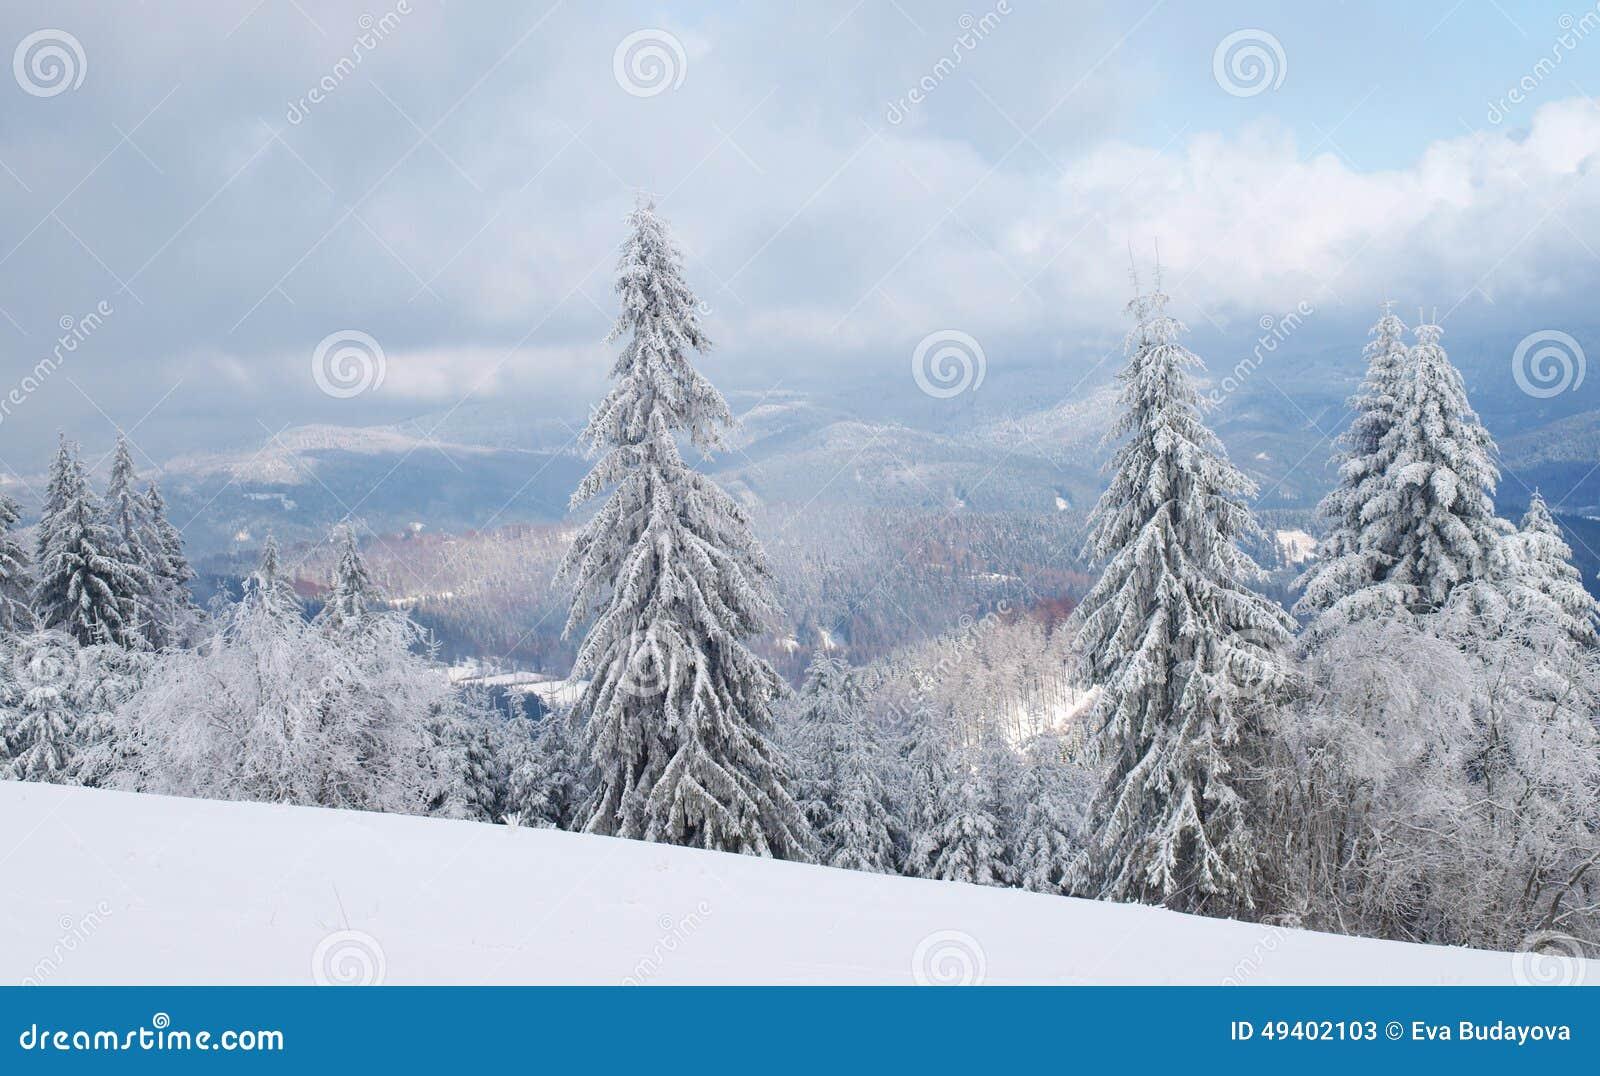 Download Wald und Wintersonne stockbild. Bild von nave, frost - 49402103